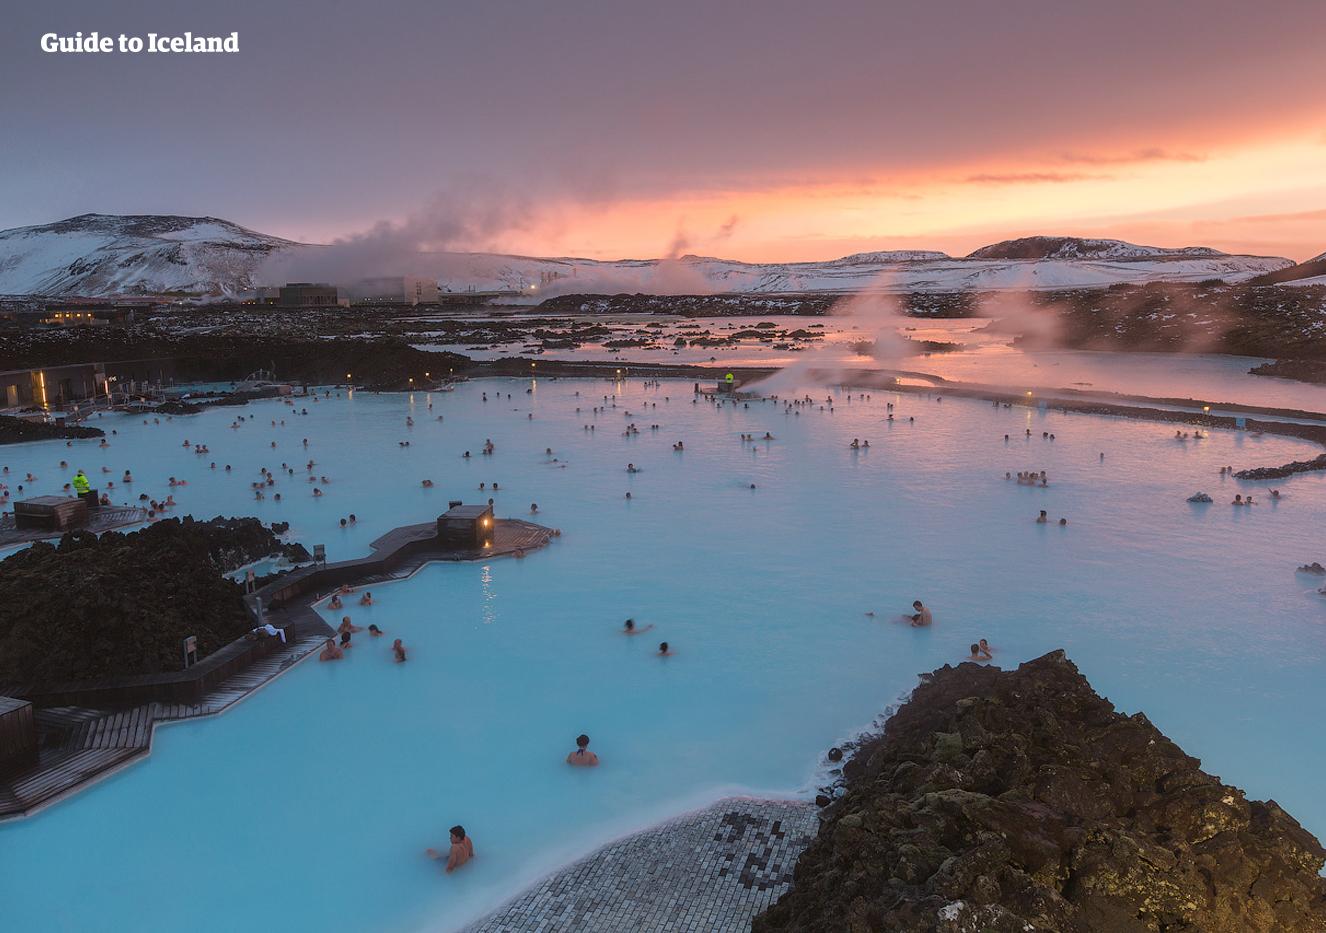 Das Wellnessbad Blaue Lagune ist ein beliebtes Reiseziel in Island.